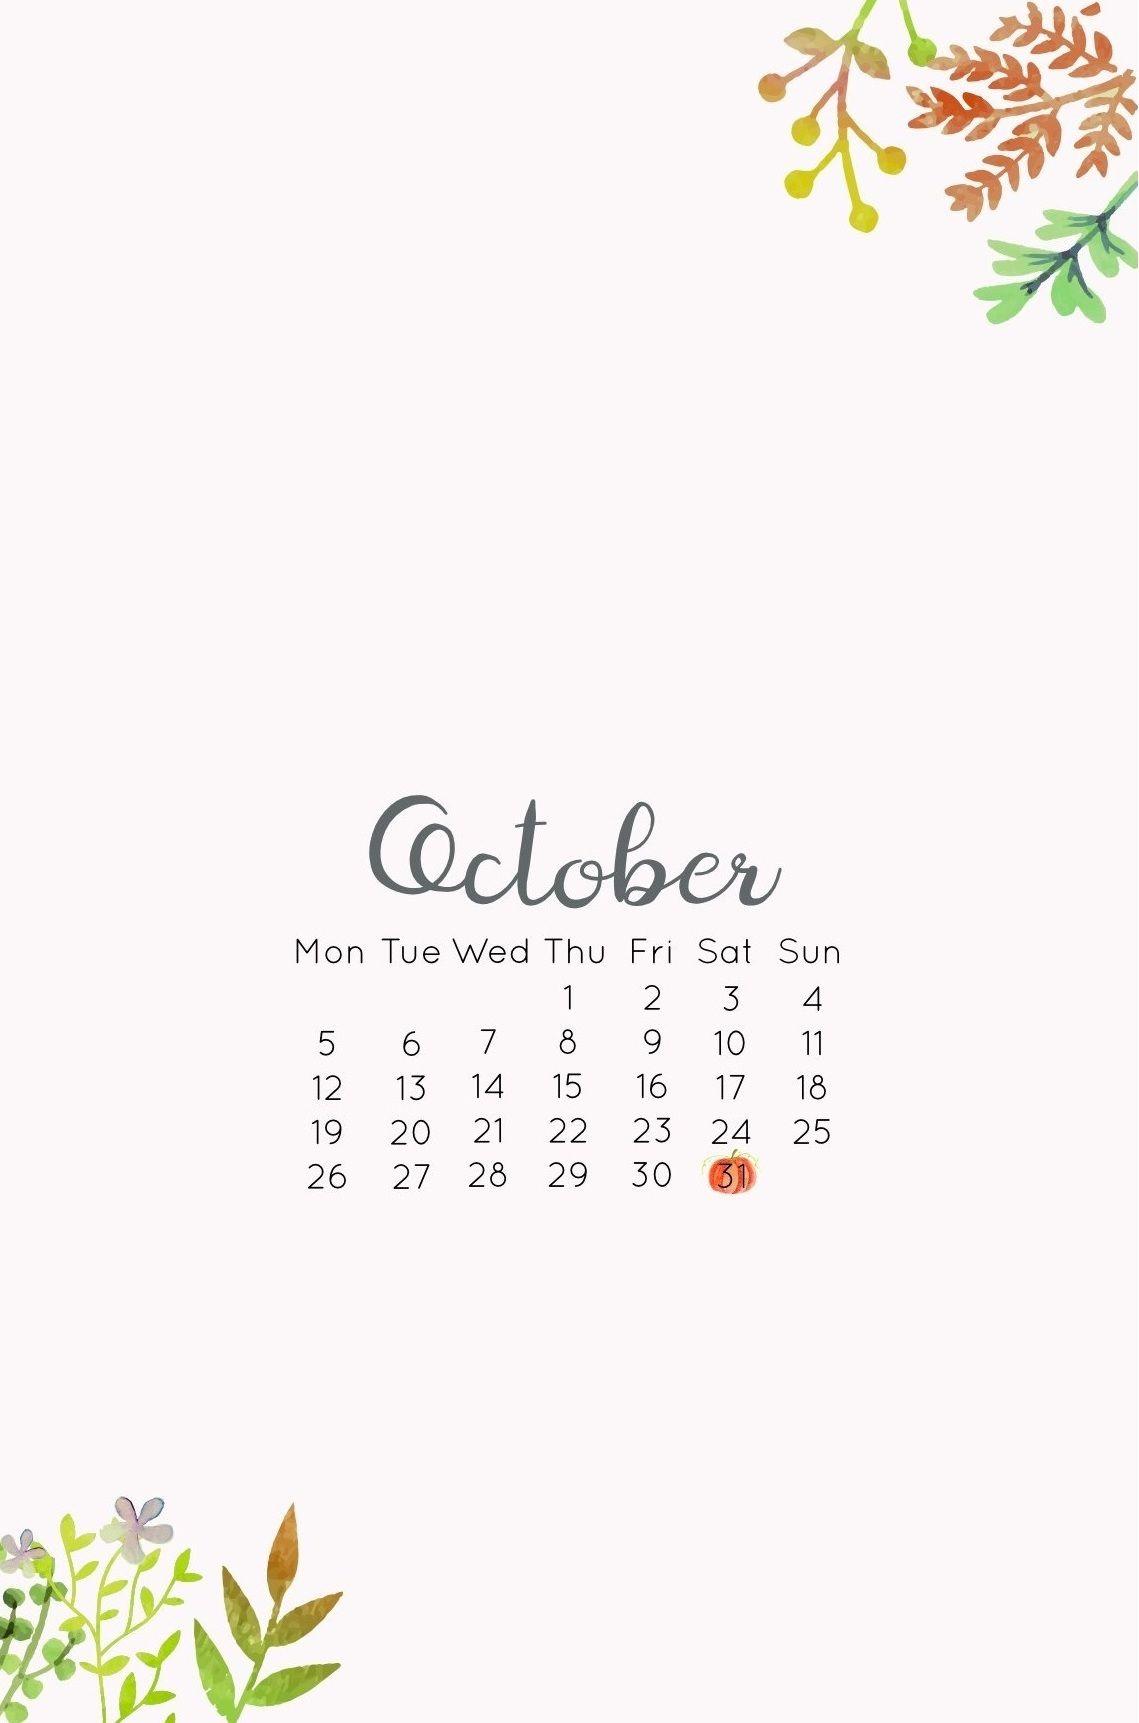 Iphone October 2020 Wallpaper In 2020 Calendar Wallpaper October Wallpaper October Calendar